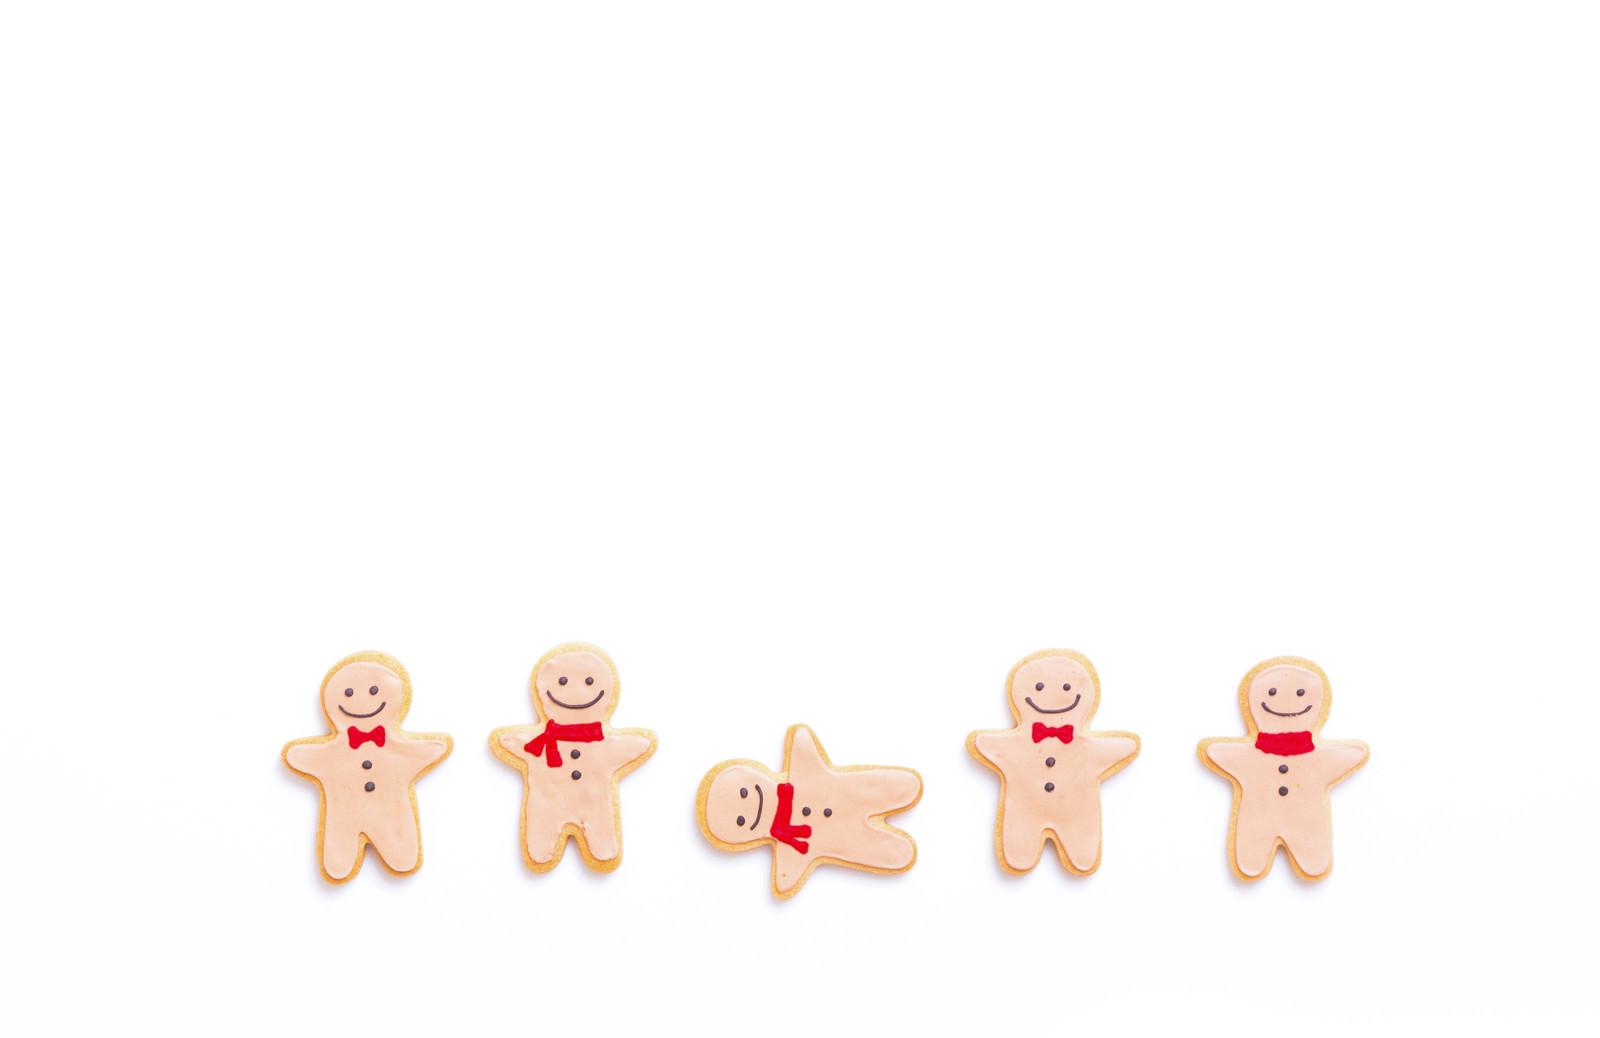 「ひとりだけ仲間はずれ(アイシングクッキー)ひとりだけ仲間はずれ(アイシングクッキー)」のフリー写真素材を拡大